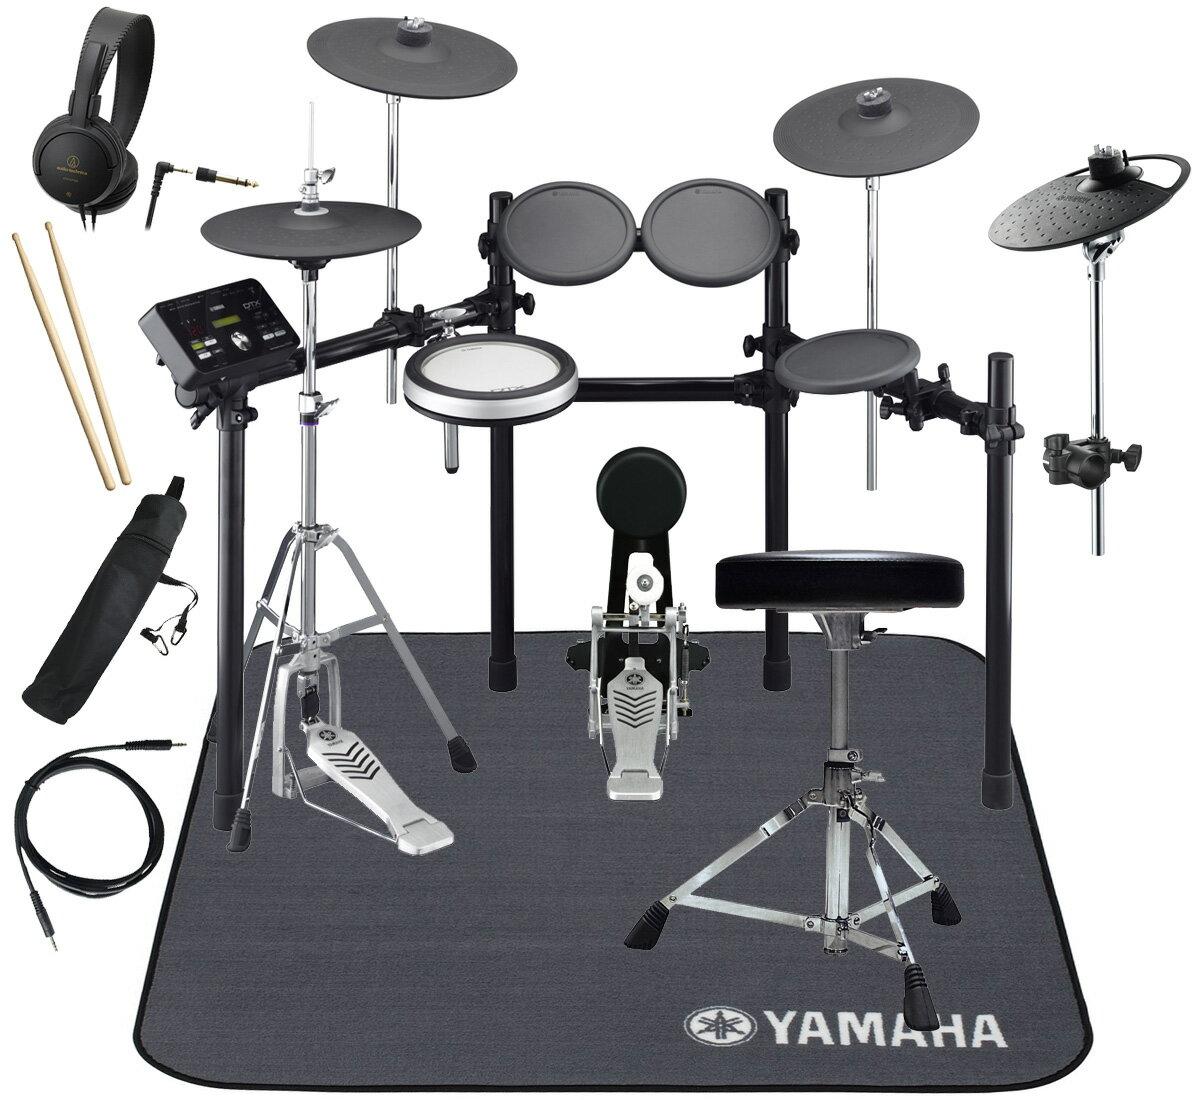 YAMAHA 電子ドラム DTX532KFS 3シンバル ドラムマットDM1314 スターターパック